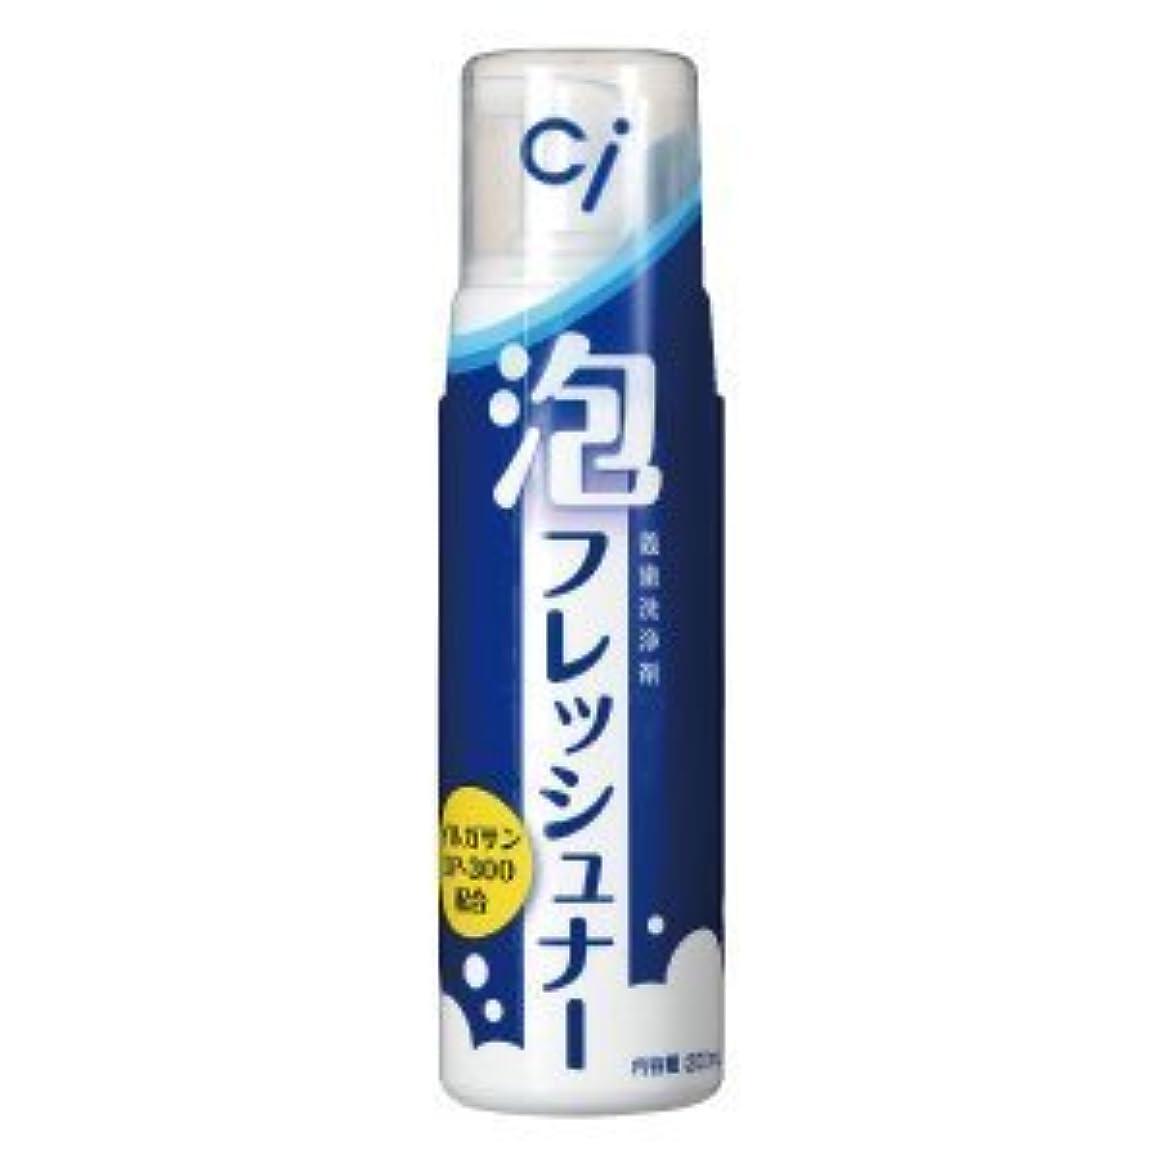 散るカエル肉屋Ci 泡フレッシュナー 義歯洗浄剤 1本(200ml)